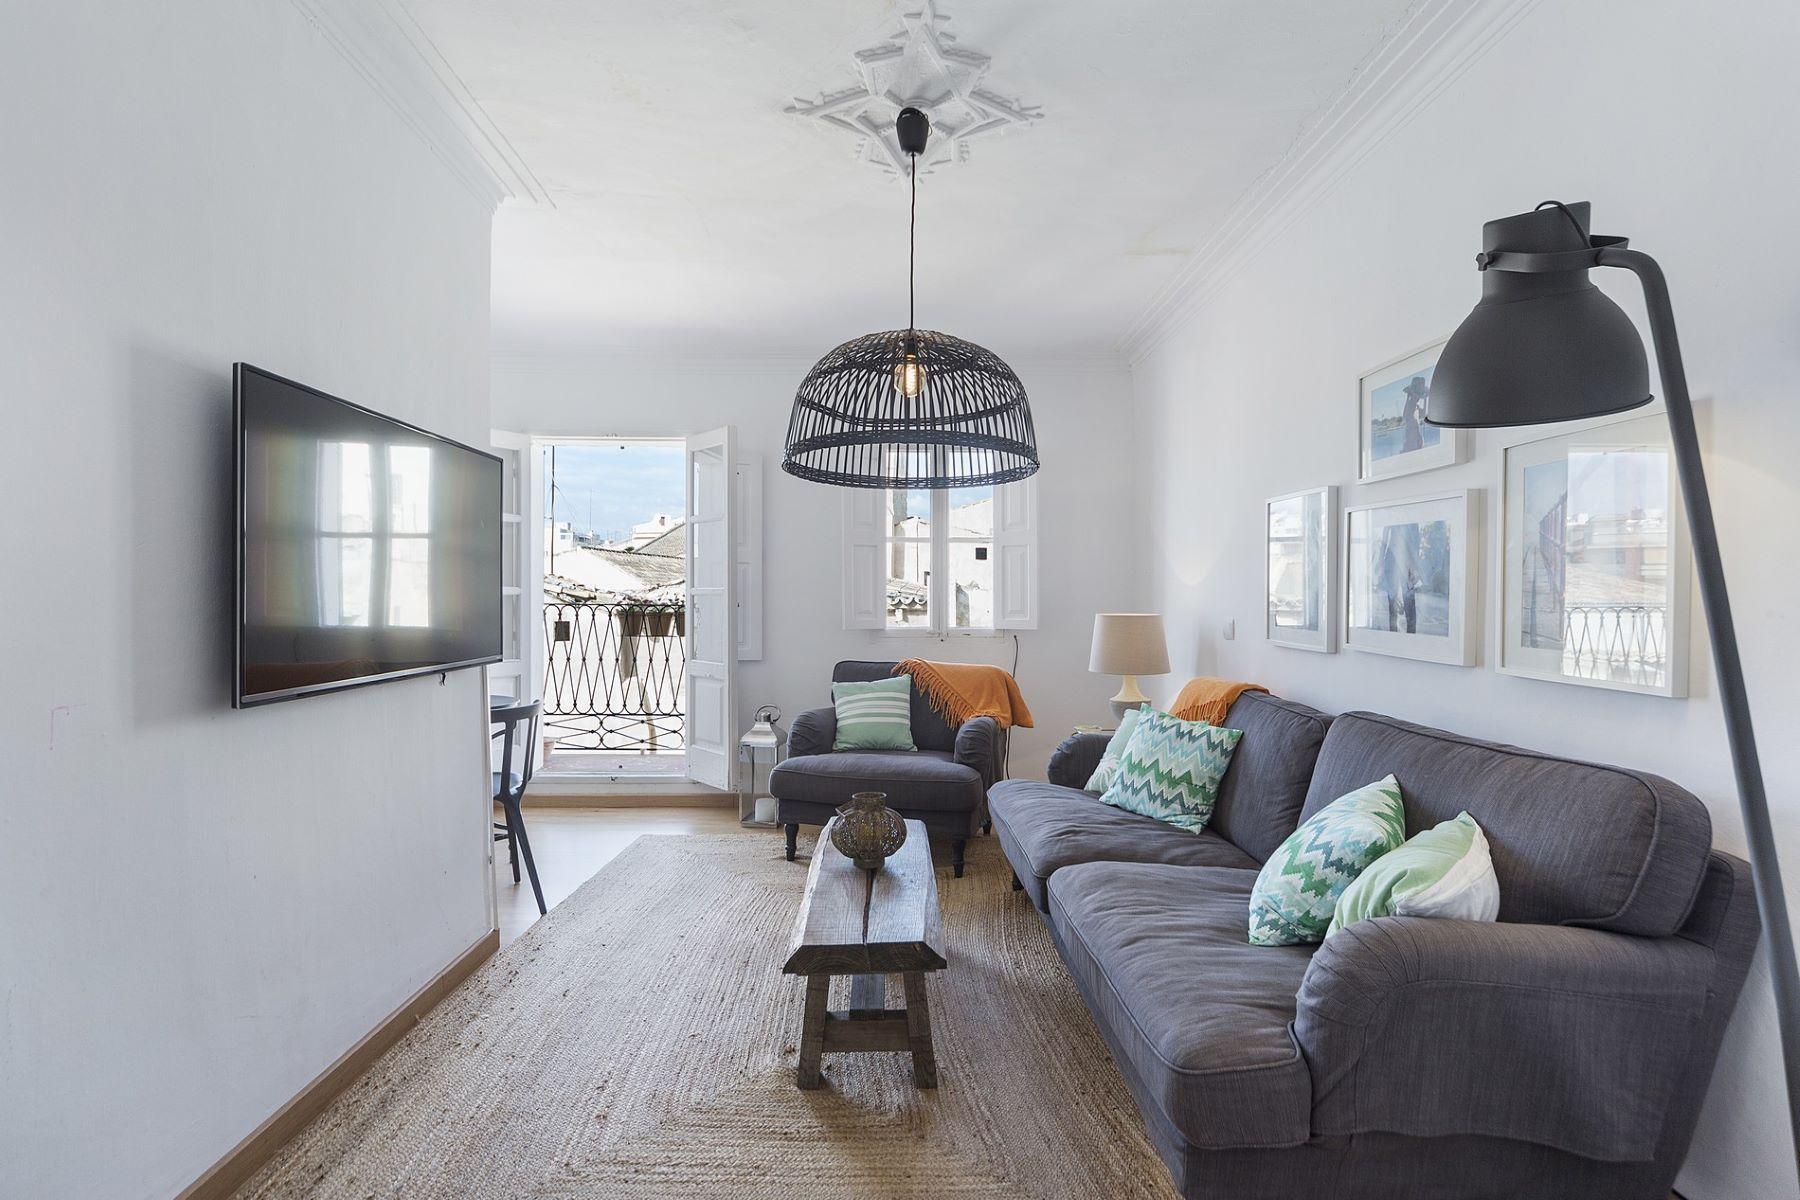 Частный односемейный дом для того Продажа на Charming apartment in Old Town, Palma Other Spain, Другие Регионы В Испании, Испания